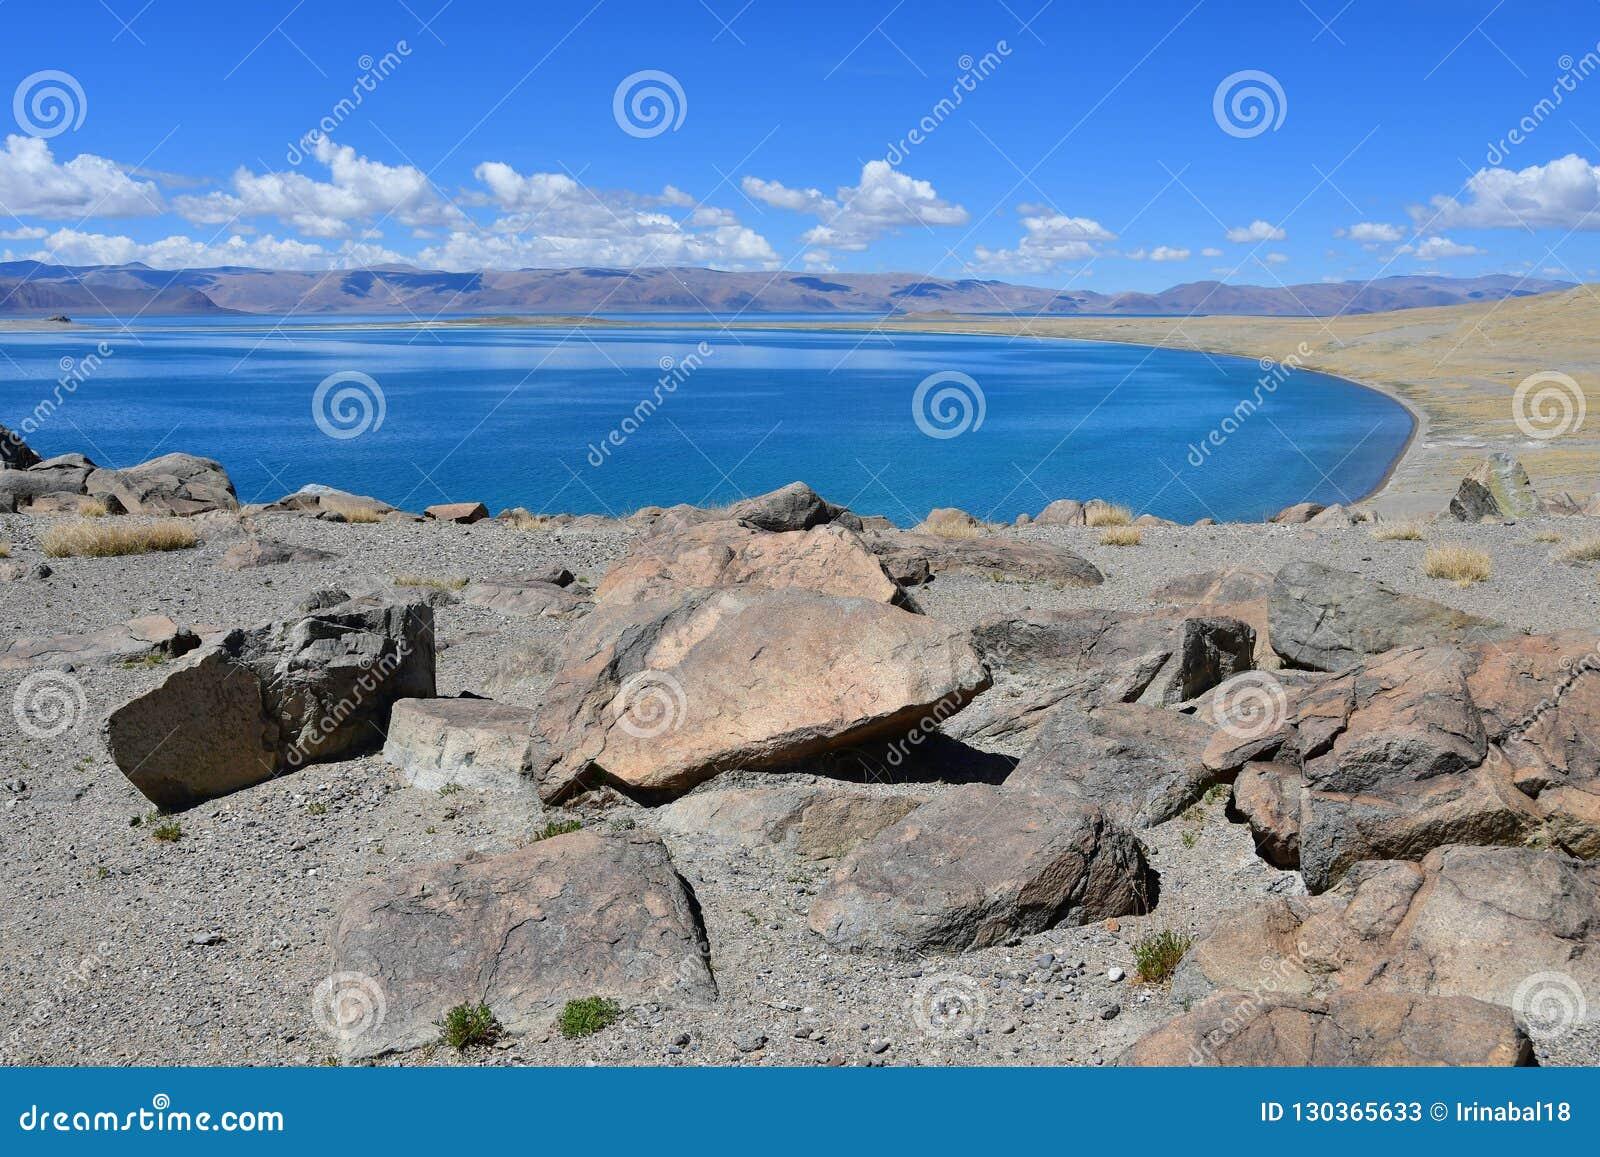 中国 西藏的大湖 湖Teri塔石纳木错在晴朗的夏日